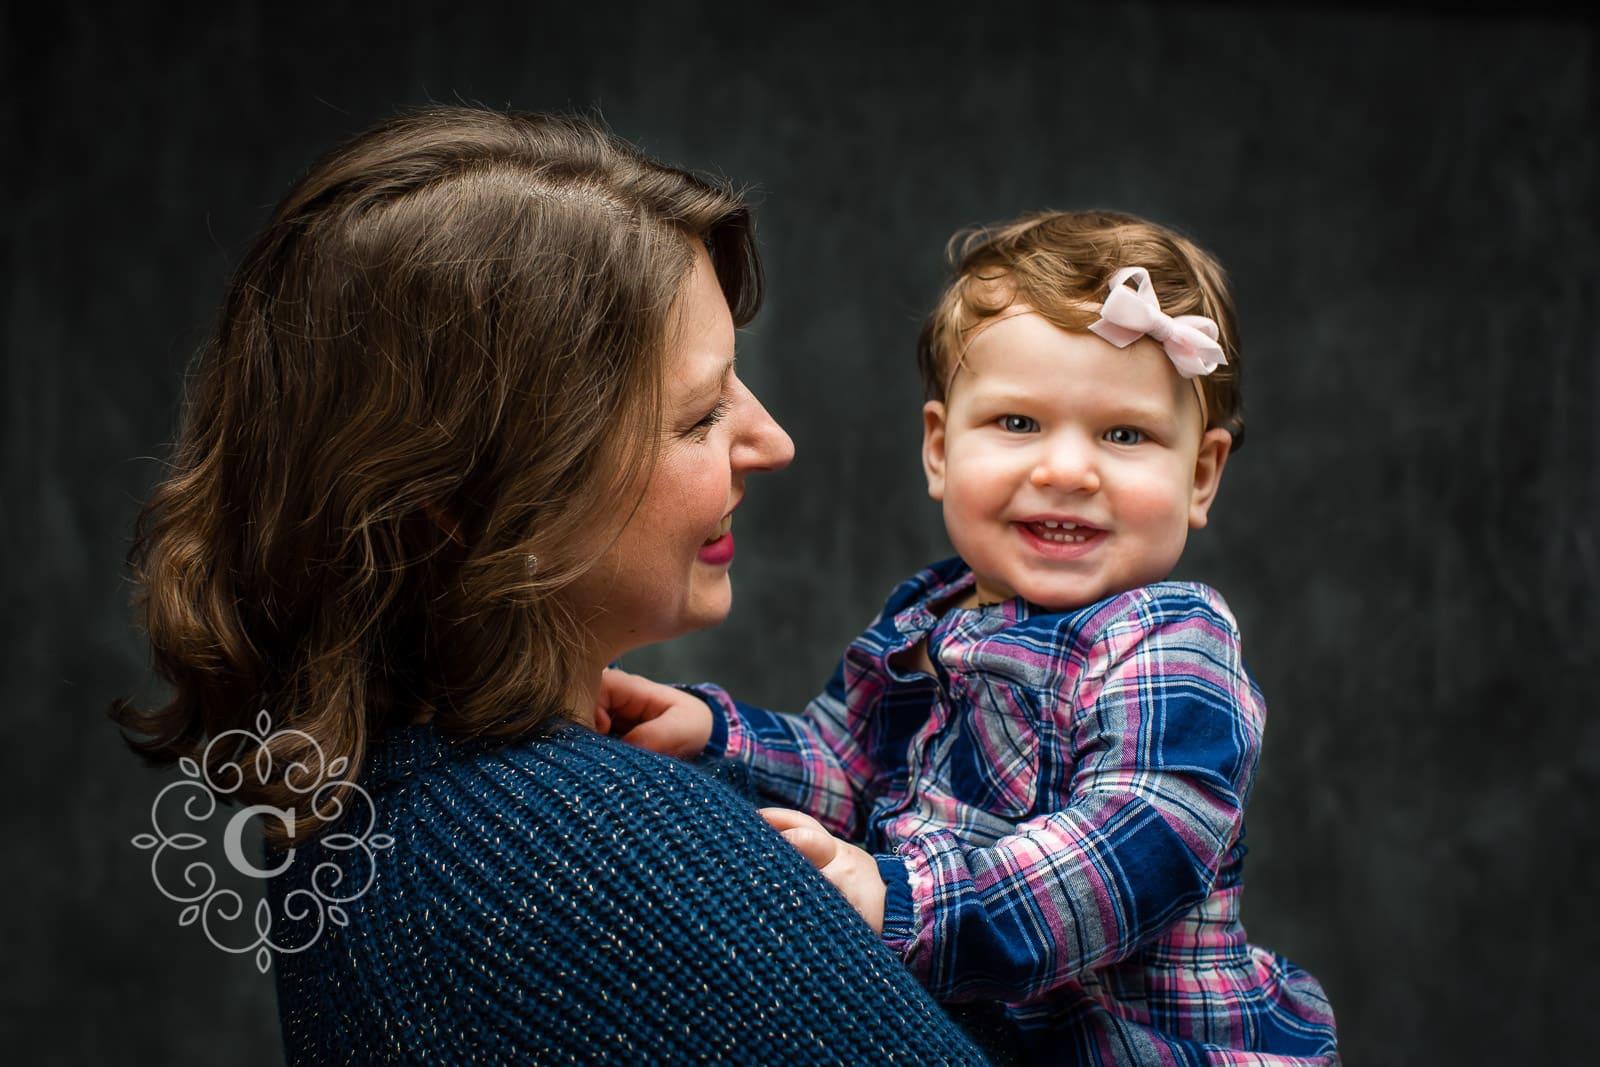 Studio Family Portrait Photography